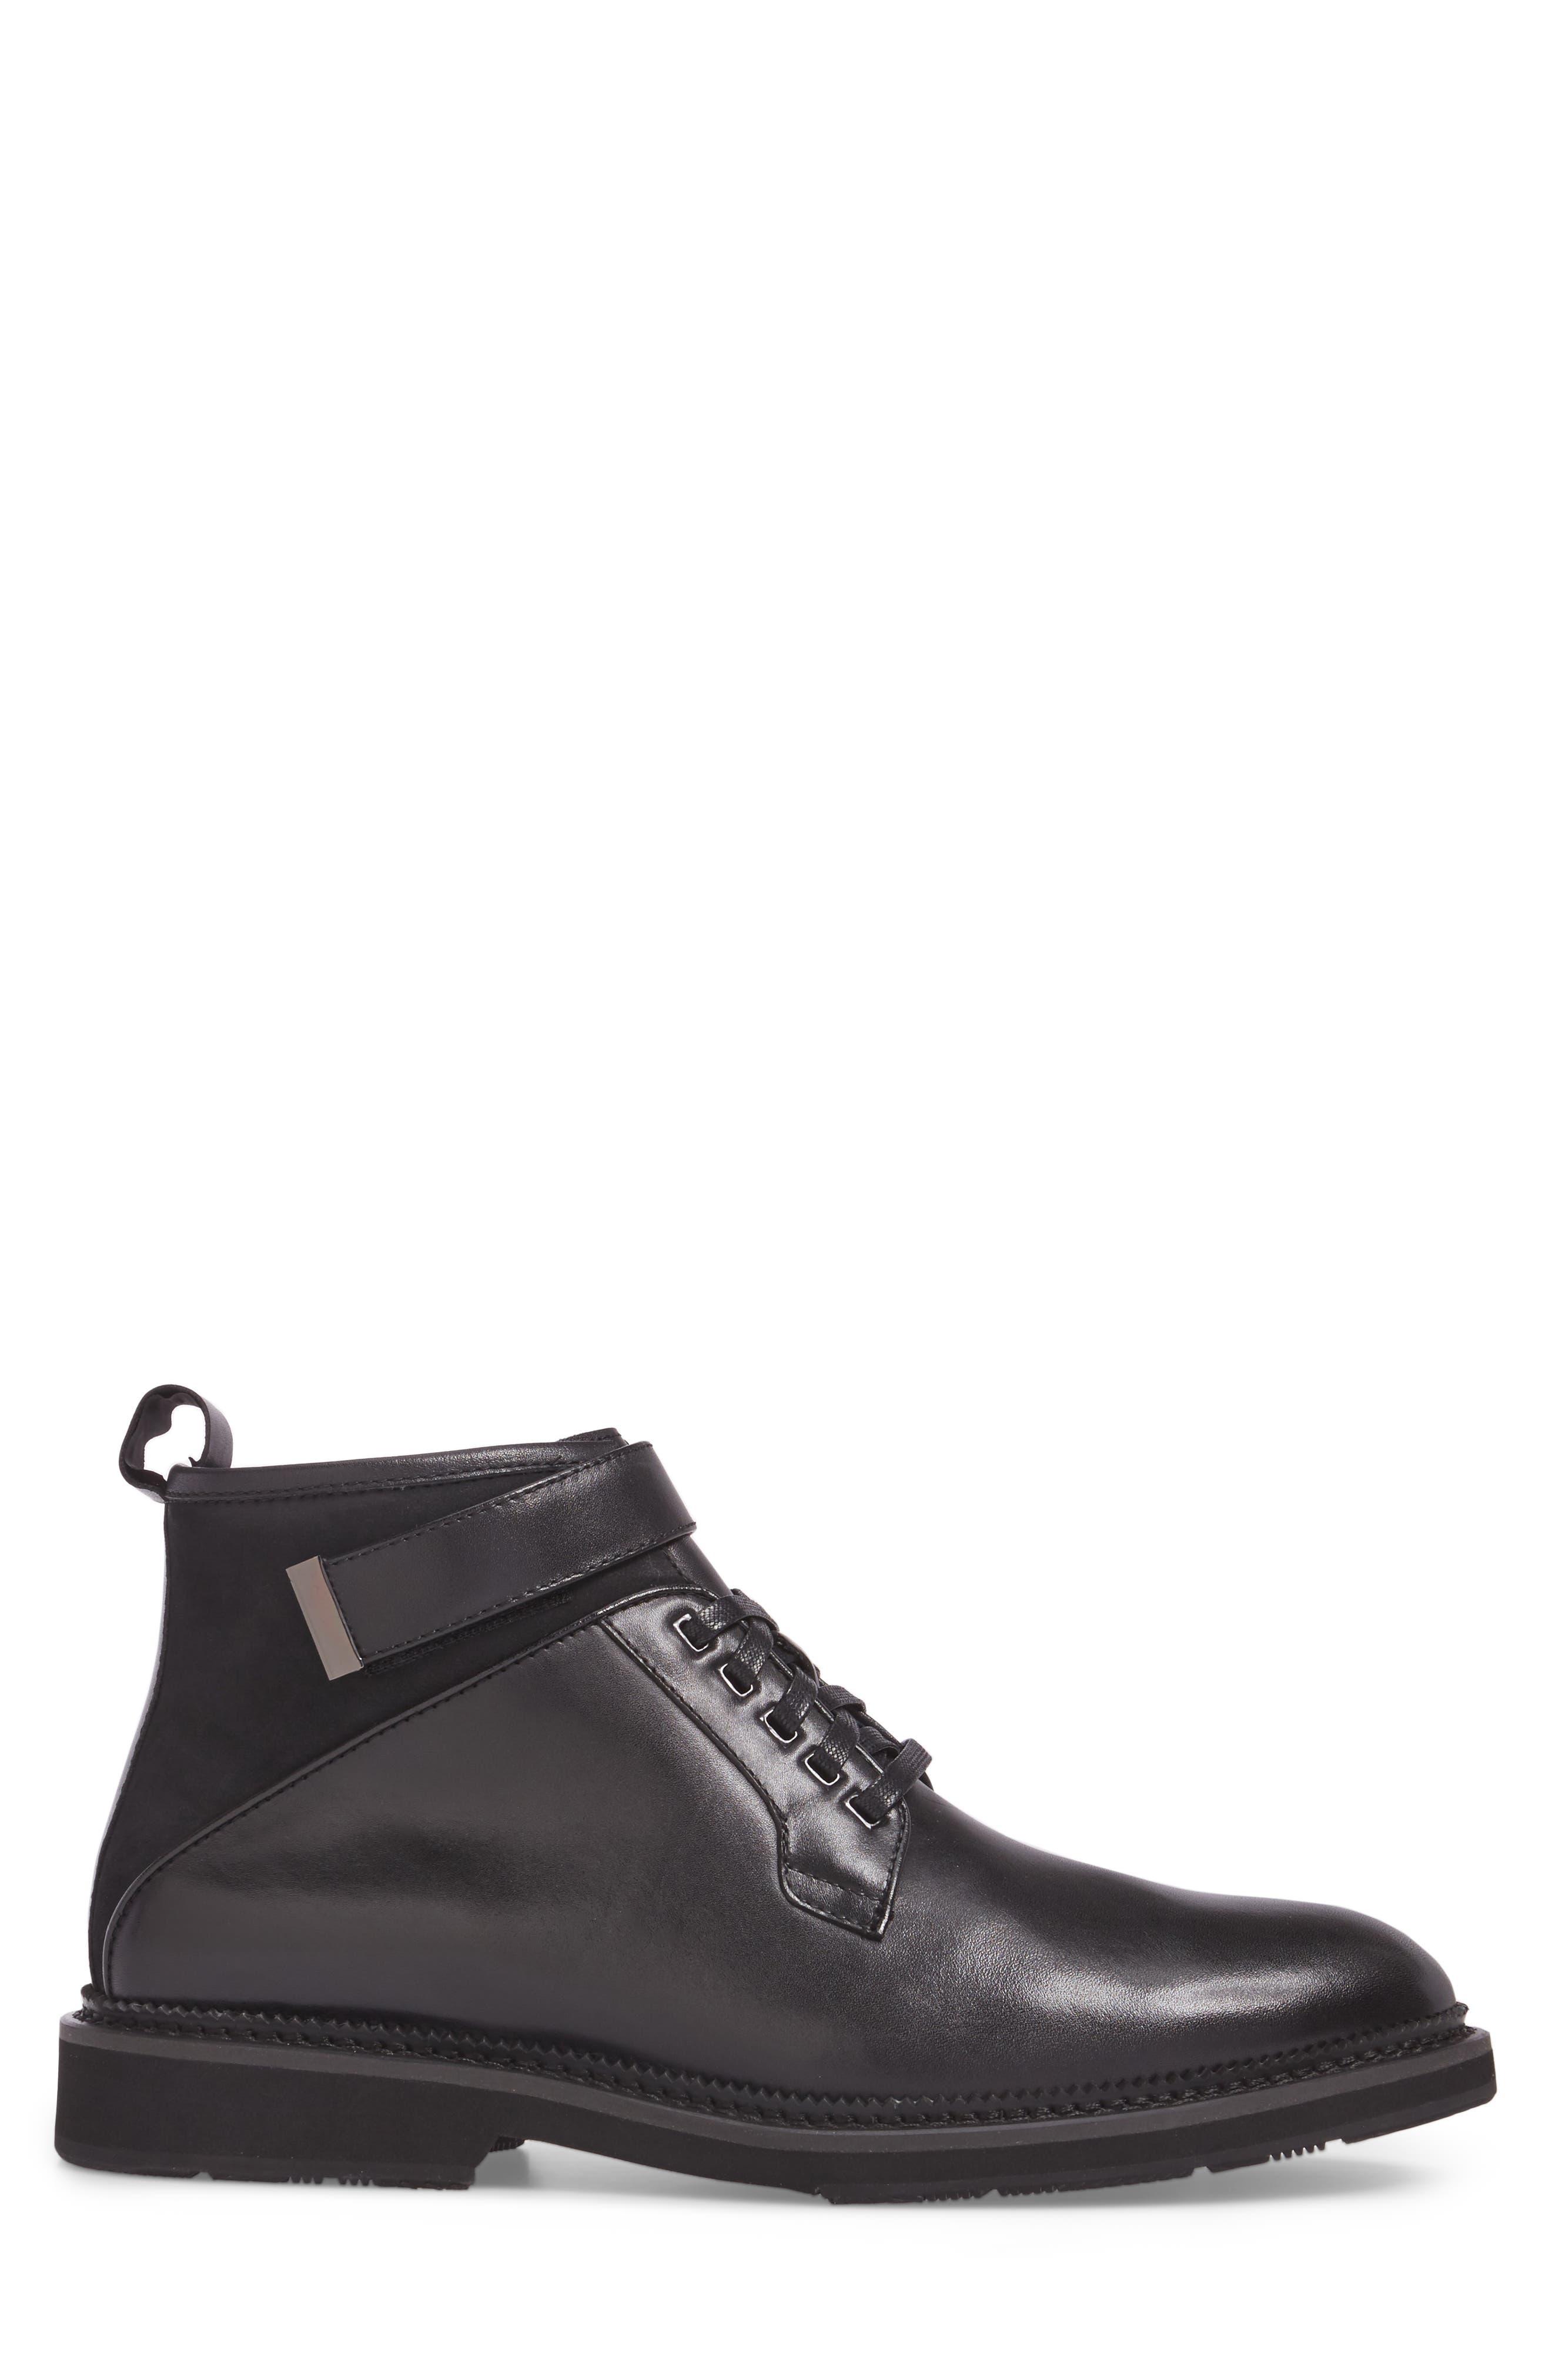 Alternate Image 3  - Zanzara Ginko Plain Toe Boot (Men)